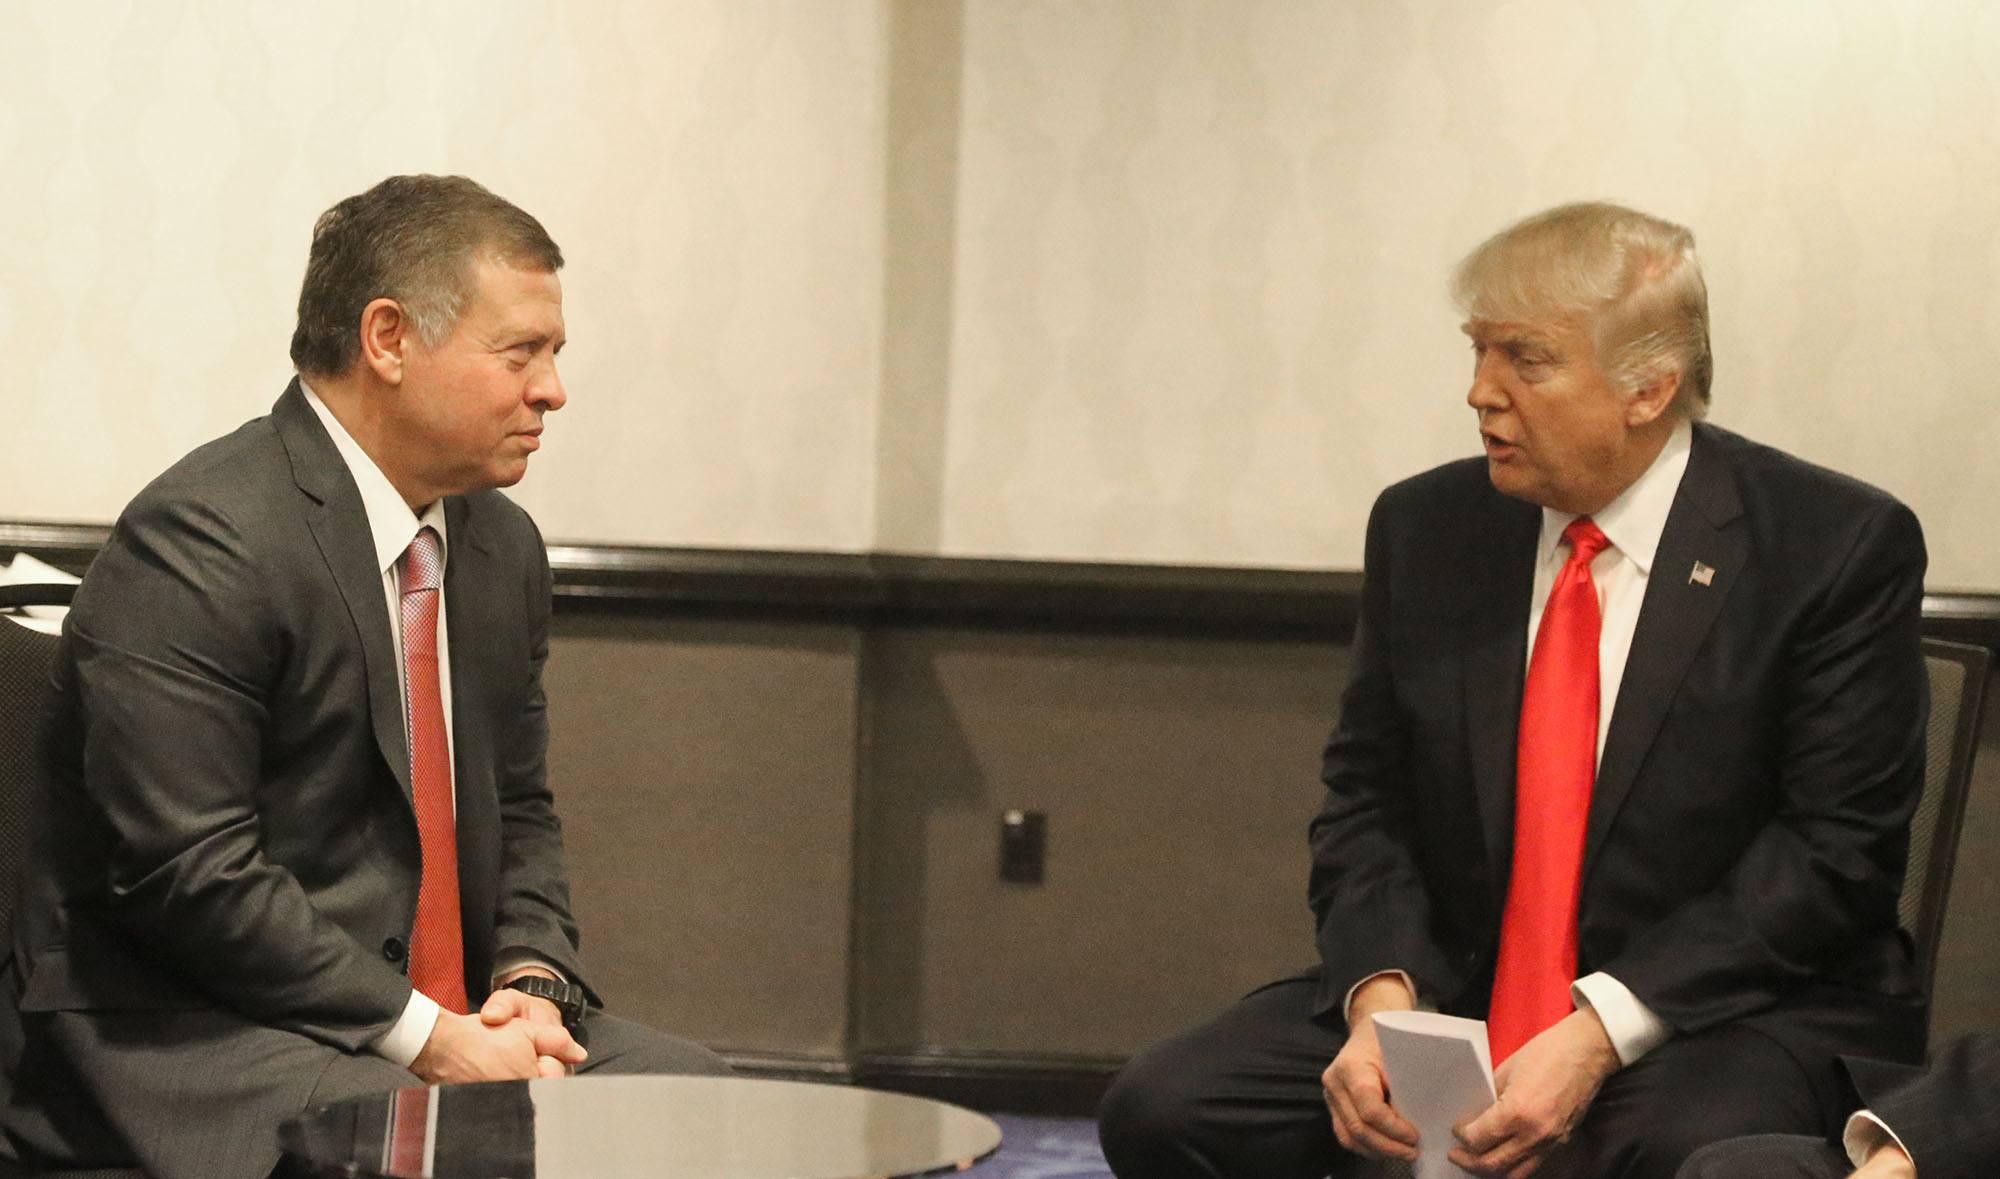 President Trump Jordan casino trademark